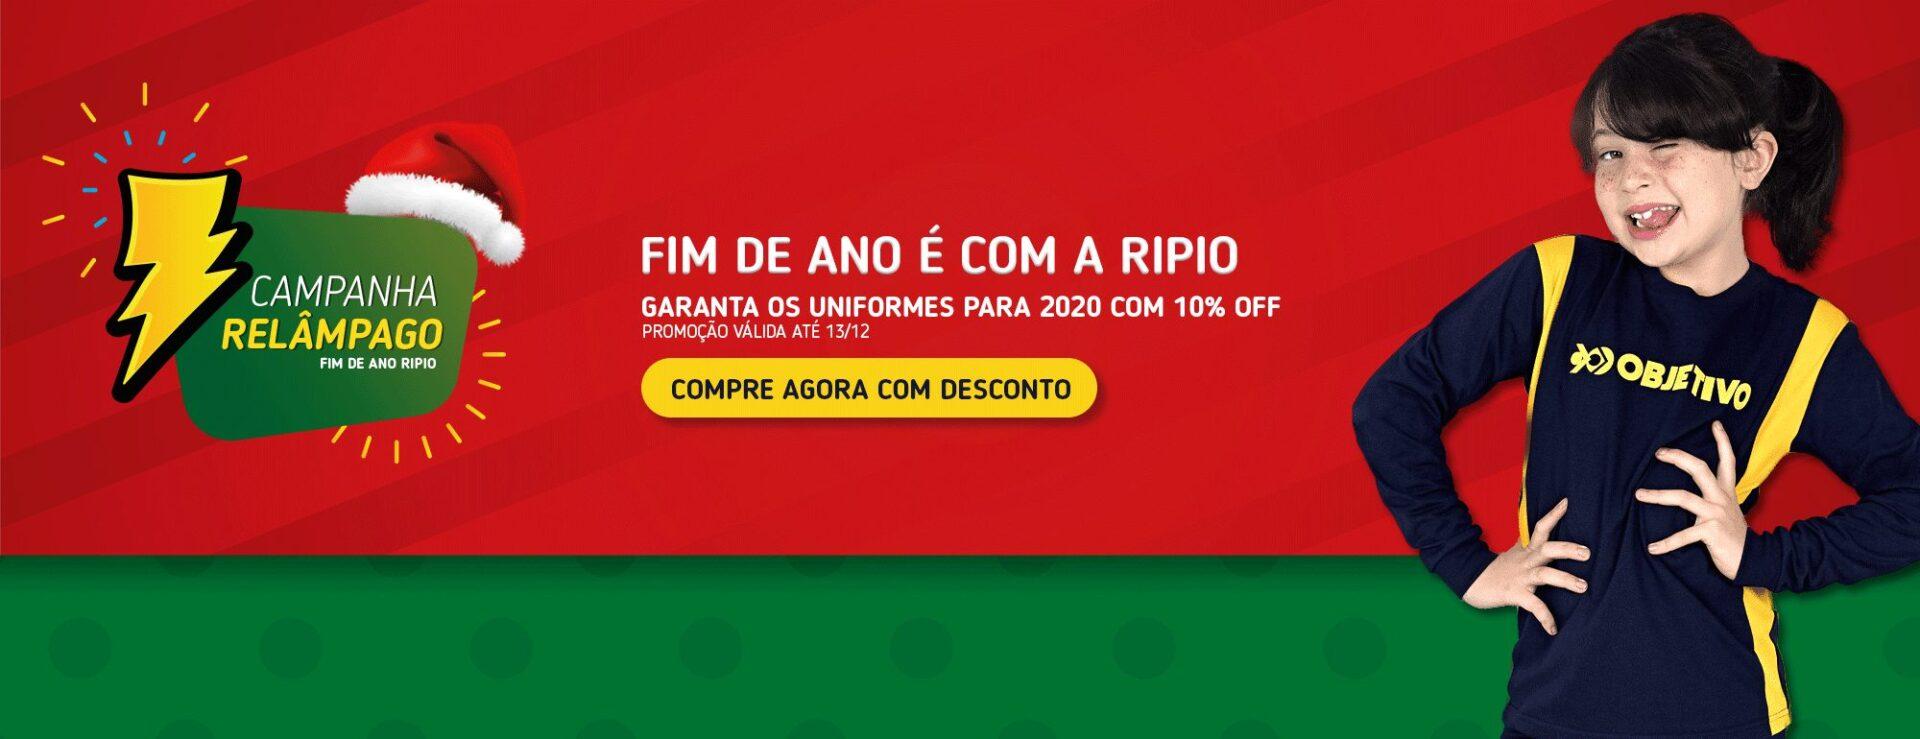 Campanha Relâmpago Natal - Ripio Uniformes